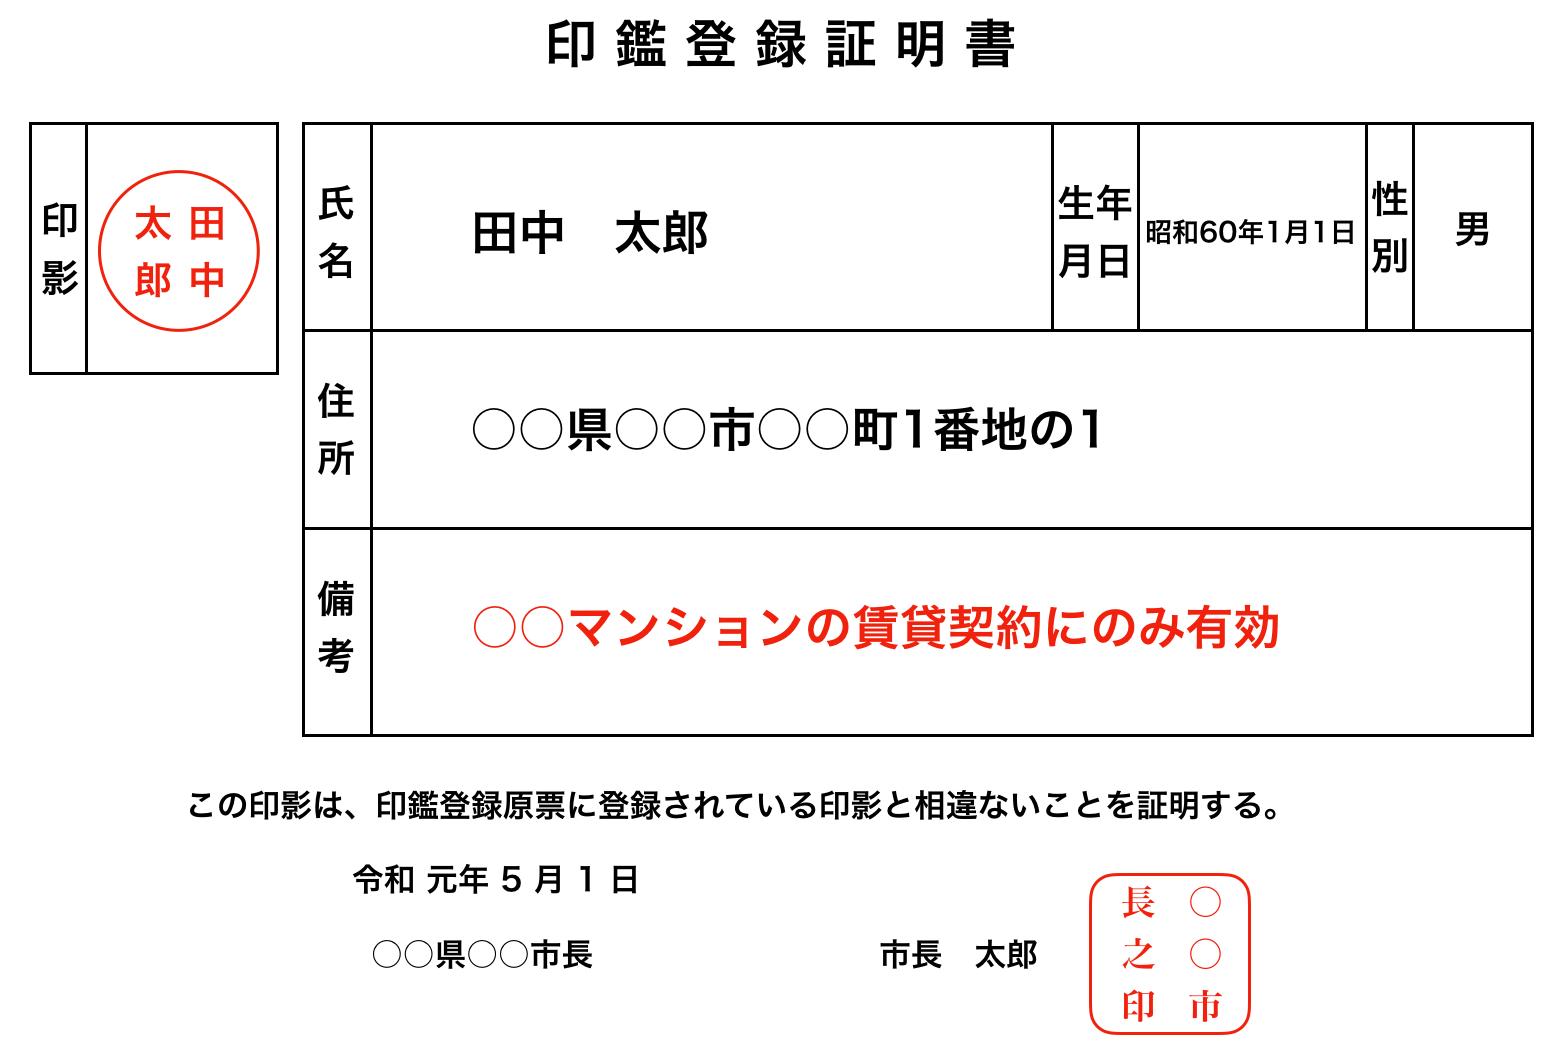 印鑑証明書のイメージ